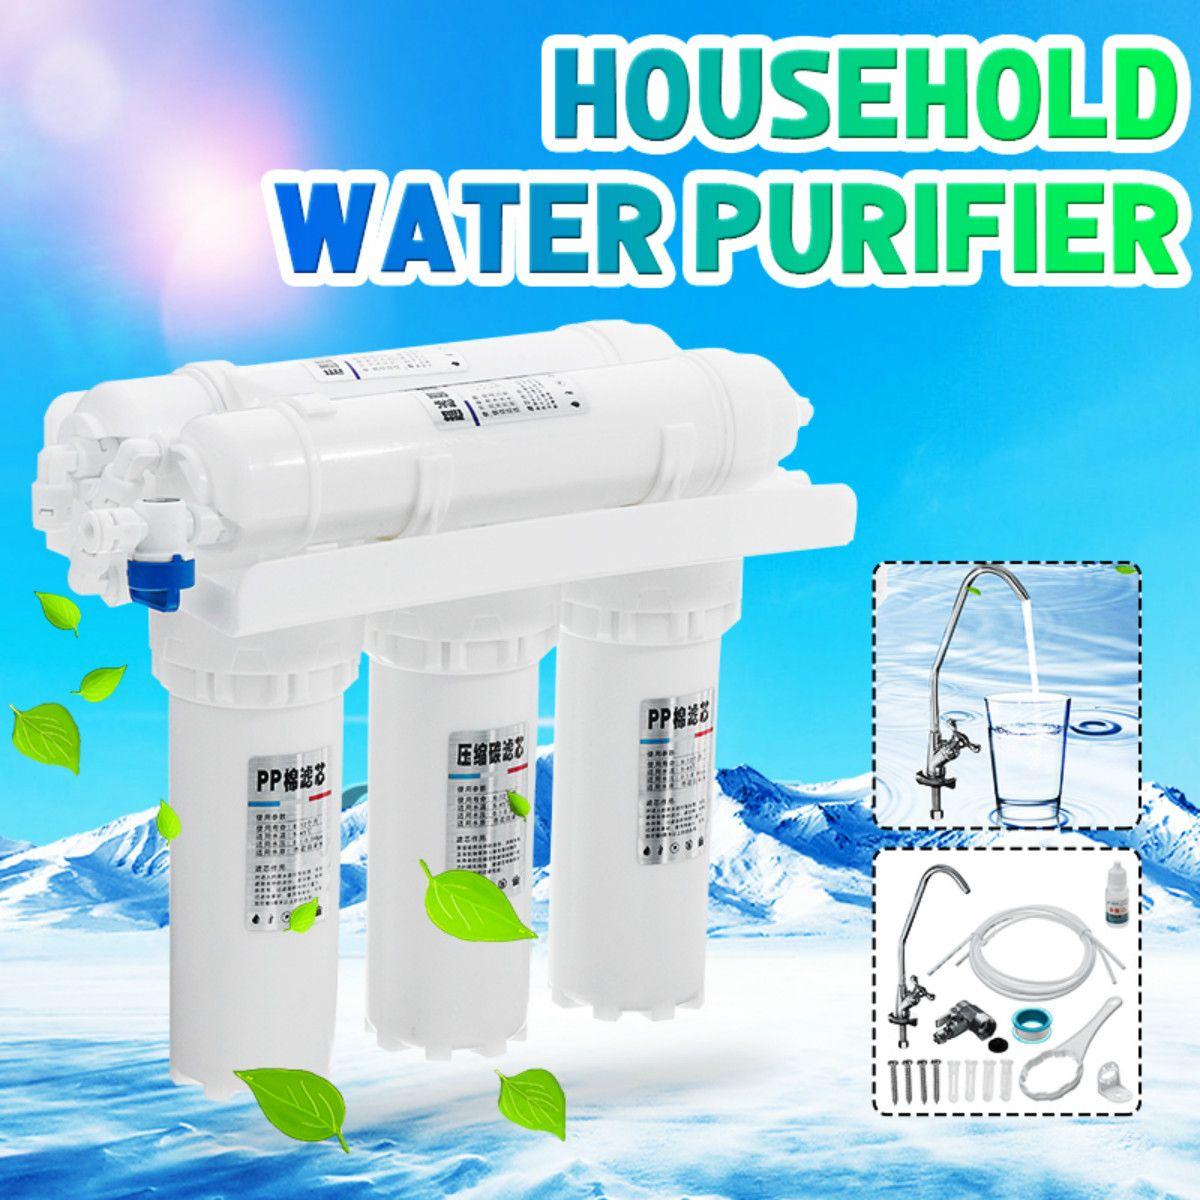 الترشيح الفائق نظام فلتر لمياه الشرب 3 + 2 المنزل المطبخ شرب صنبور الصنبور معالجة المياه لتنقية مع مجموعات خرطوشة